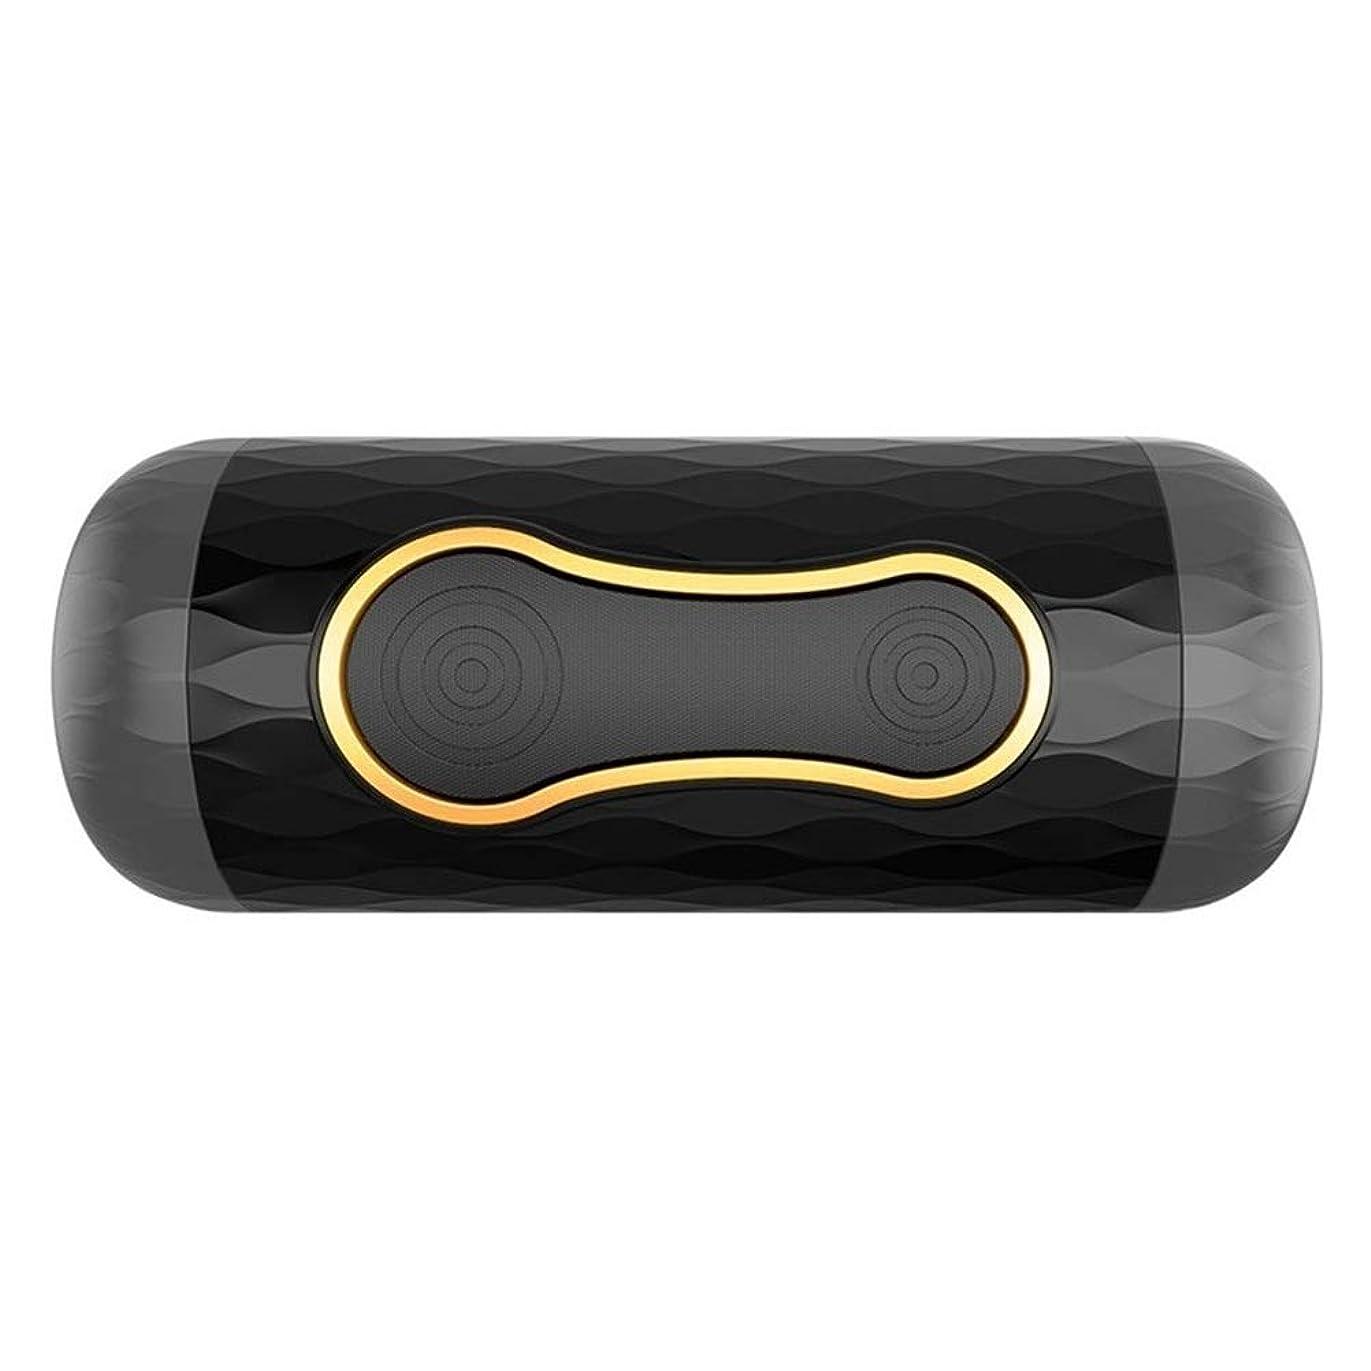 ブラウン正気機動非電動男性用マッサージテレスコピックサクティオンカップエキサイティングなおもちゃ、